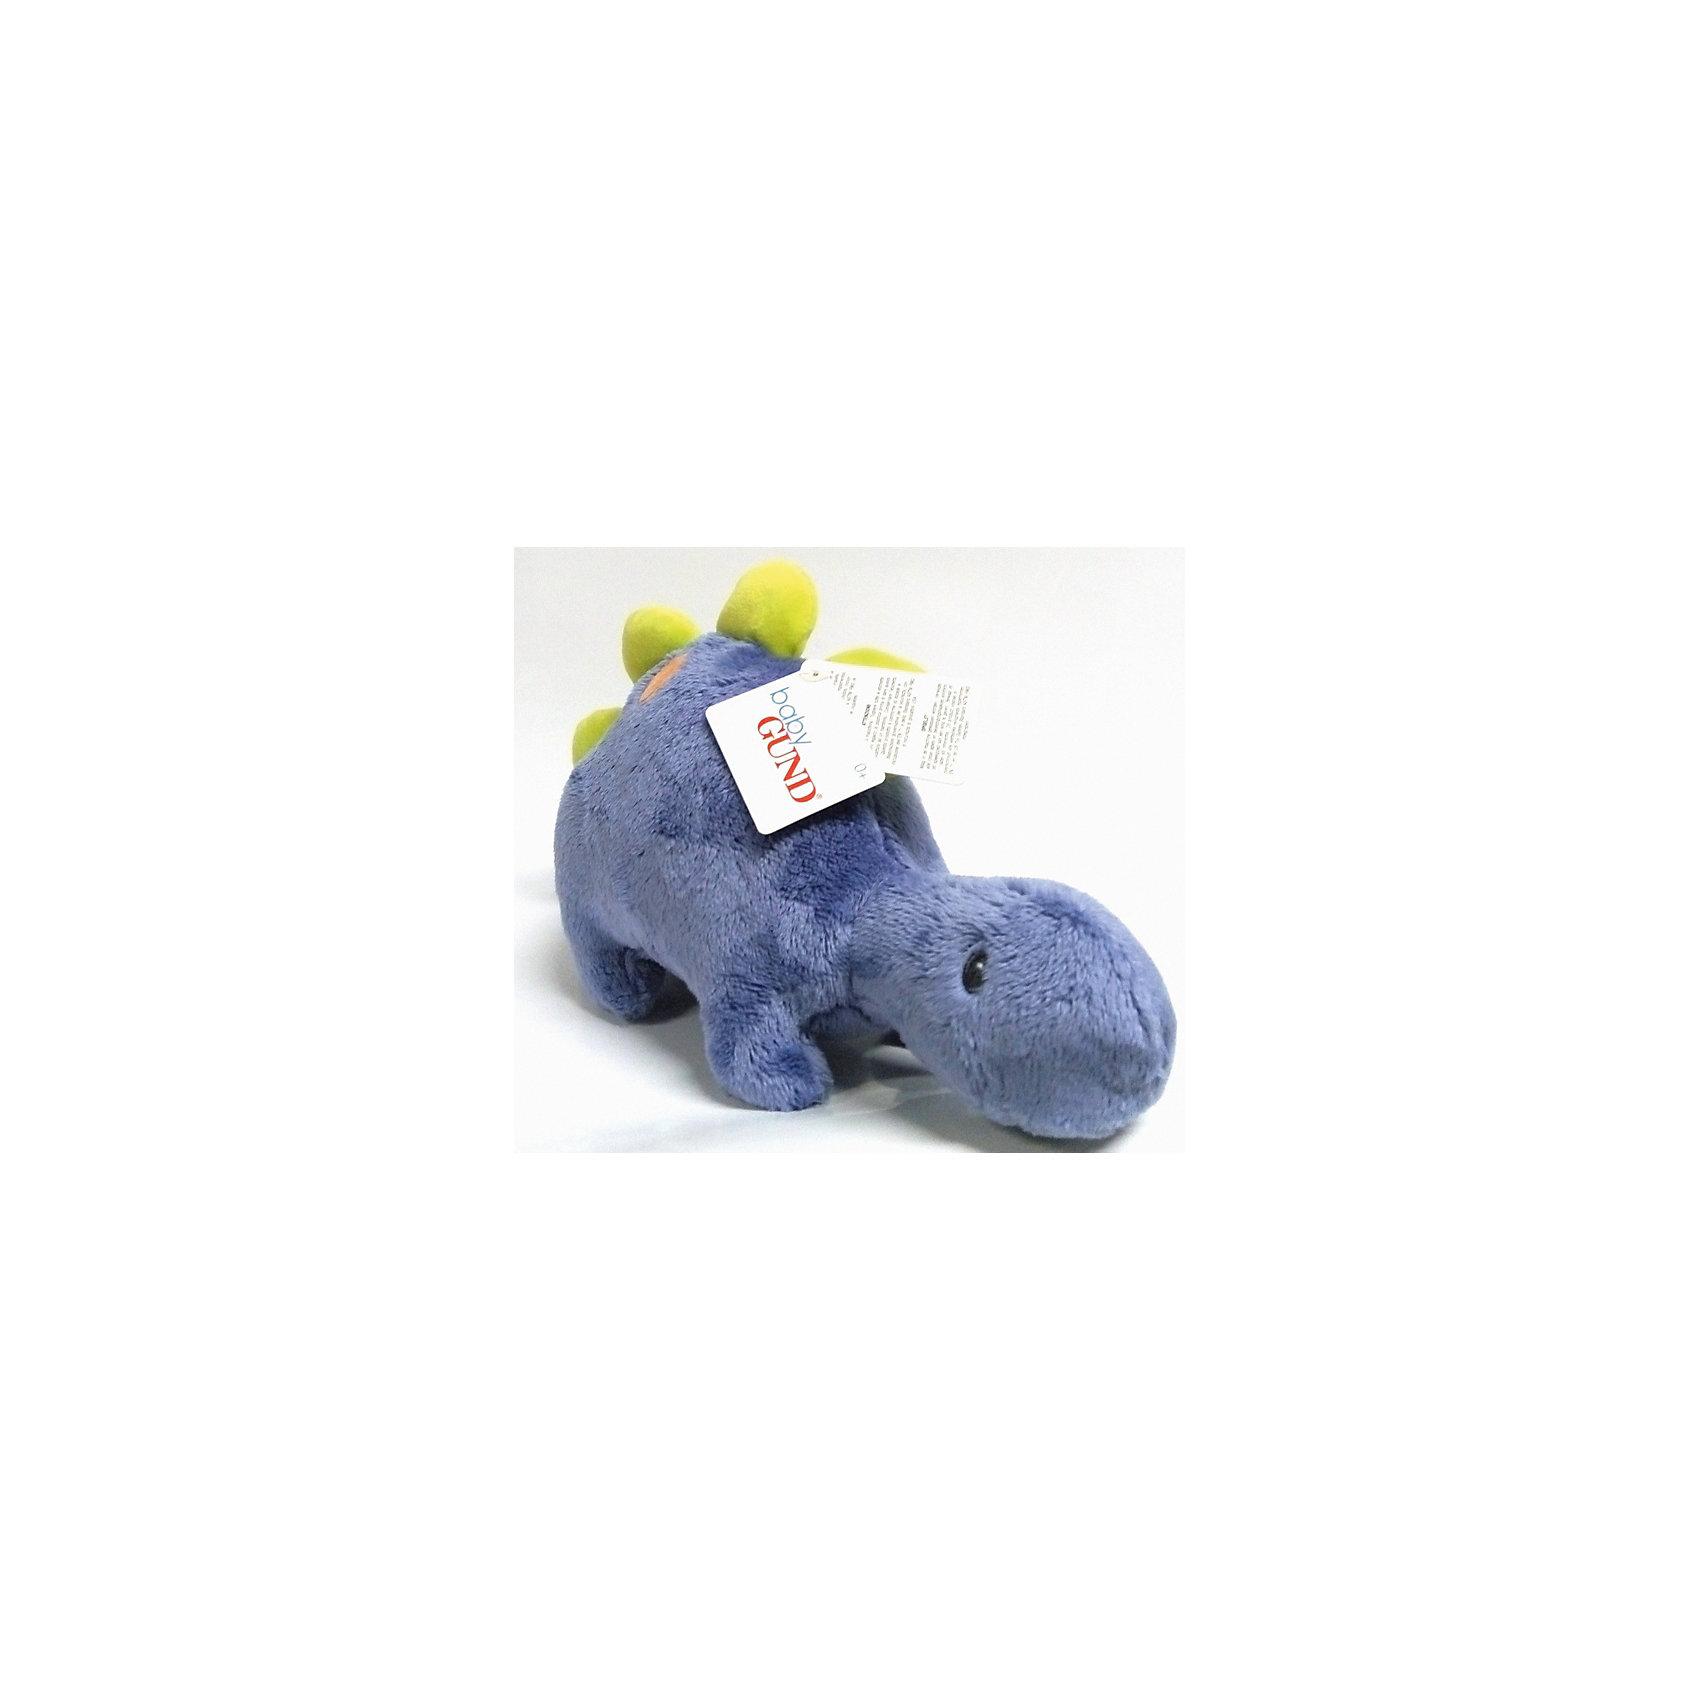 Динозаврик Orgh, 19 см, GundДинозаврик Orgh, Gund - чудесная мягкая игрушка, которой будут рады дети любого возраста. Динозаврик выполнен из мягкого, приятного на ощупь материала. У него сиреневая шерстка, добродушная мордочка и зеленые чешуйки на спине. Игрушка аккуратно сшита и отличается высоким качеством исполнения.<br><br>Дополнительная информация:<br><br>- Материал: искусственный мех, текстиль.<br>- Высота игрушки: 19 см.<br>- Размер игрушки: 29 х 10 х 19 см.<br>- Вес: 0,15 кг. <br><br>Динозаврика Orgh, 19 см., Gund, можно купить в нашем интернет-магазине.<br><br>Ширина мм: 330<br>Глубина мм: 100<br>Высота мм: 190<br>Вес г: 150<br>Возраст от месяцев: 36<br>Возраст до месяцев: 120<br>Пол: Унисекс<br>Возраст: Детский<br>SKU: 4241898